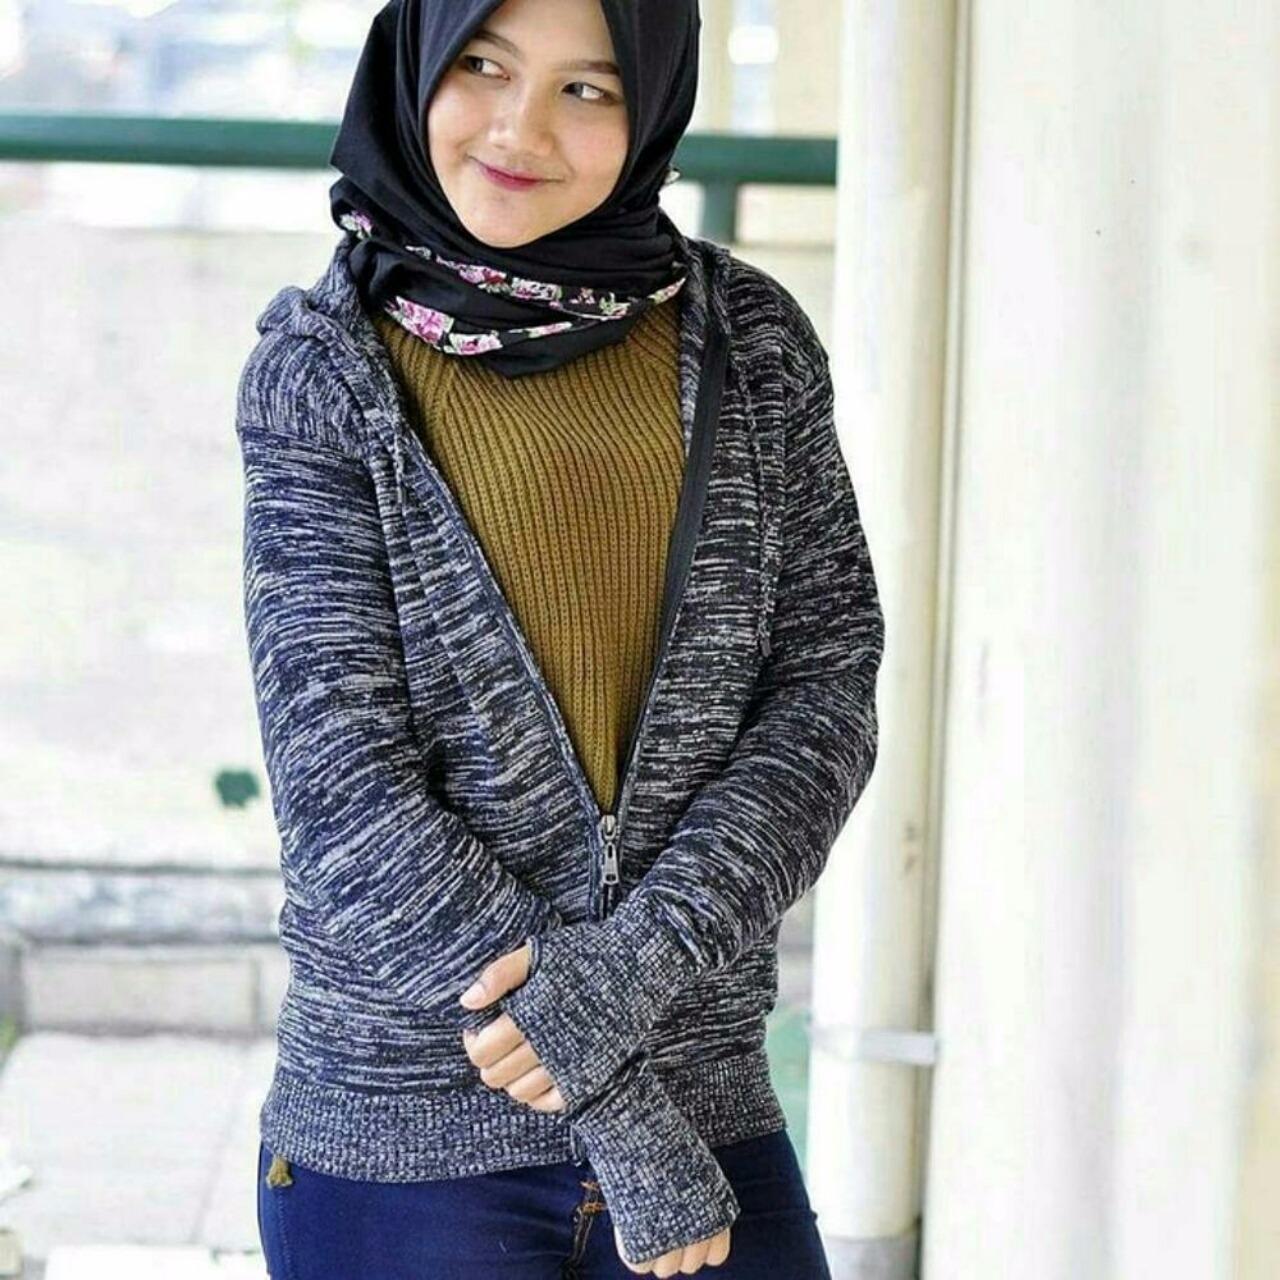 Roundhand Sweater Abu Daftar Harga Terkini Dan Terlengkap Secker Sj0015 Jaket Hoodie Rajut Wanita Hitammaroon Muda Tua